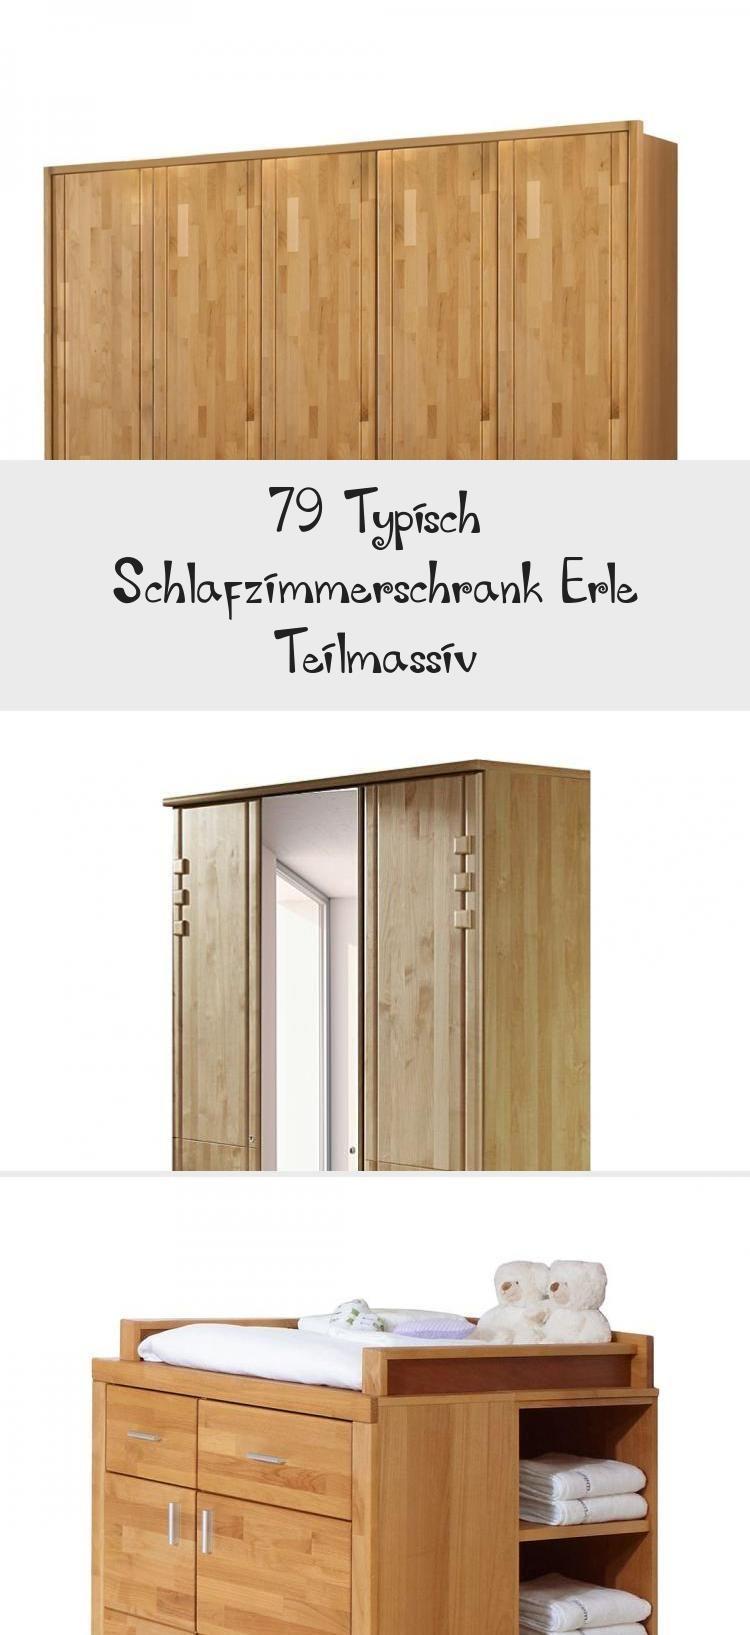 79 Typisch Schlafzimmerschrank Erle Teilmassiv Dekorationkommode In 2020 Decor Furniture Home